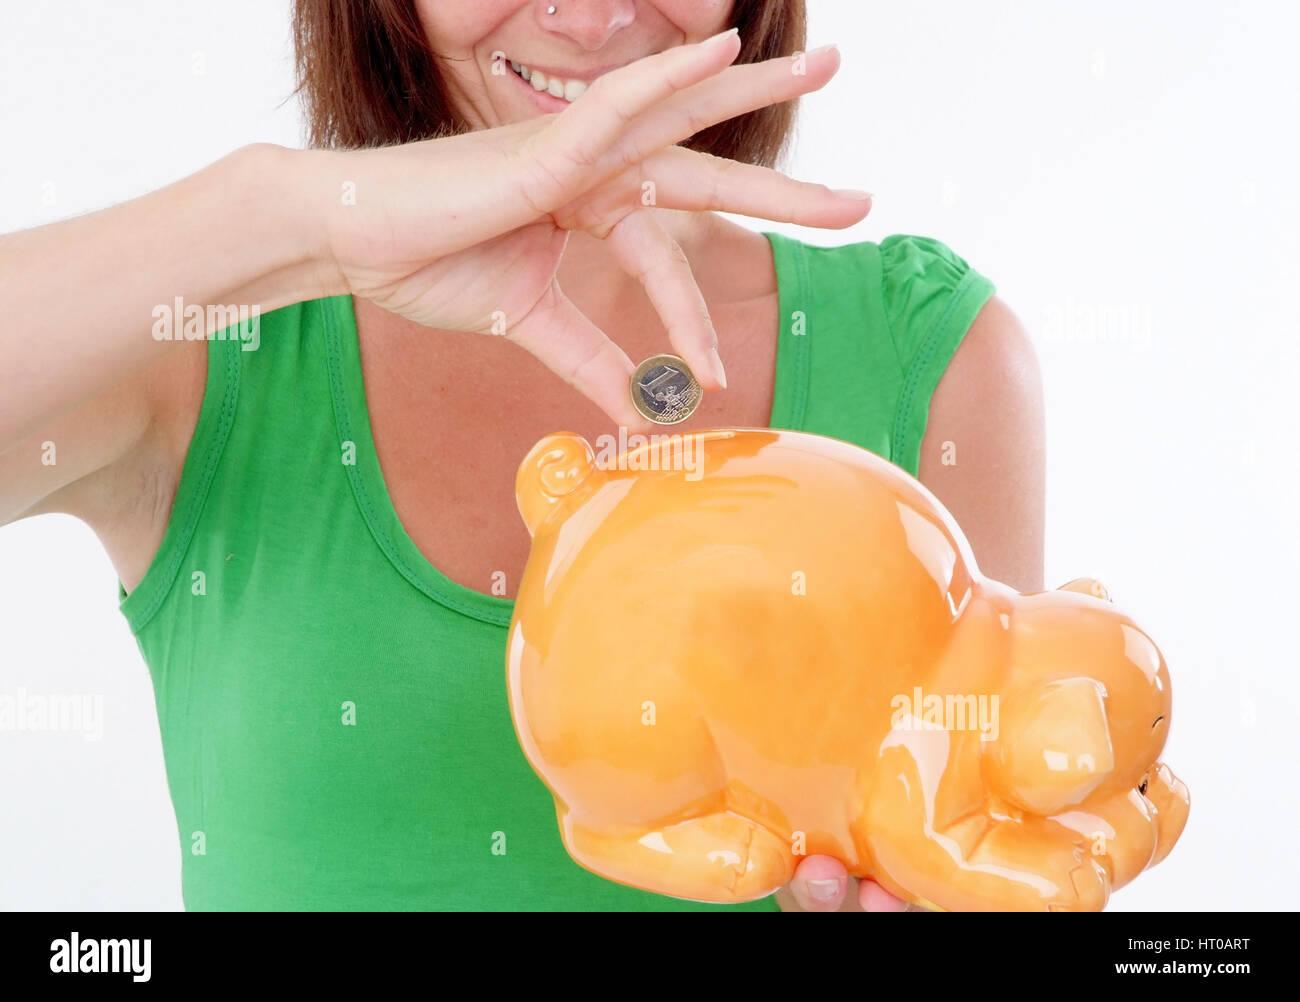 Frau wirft Euromuenze in Sparschwein - woman saving money Stock Photo